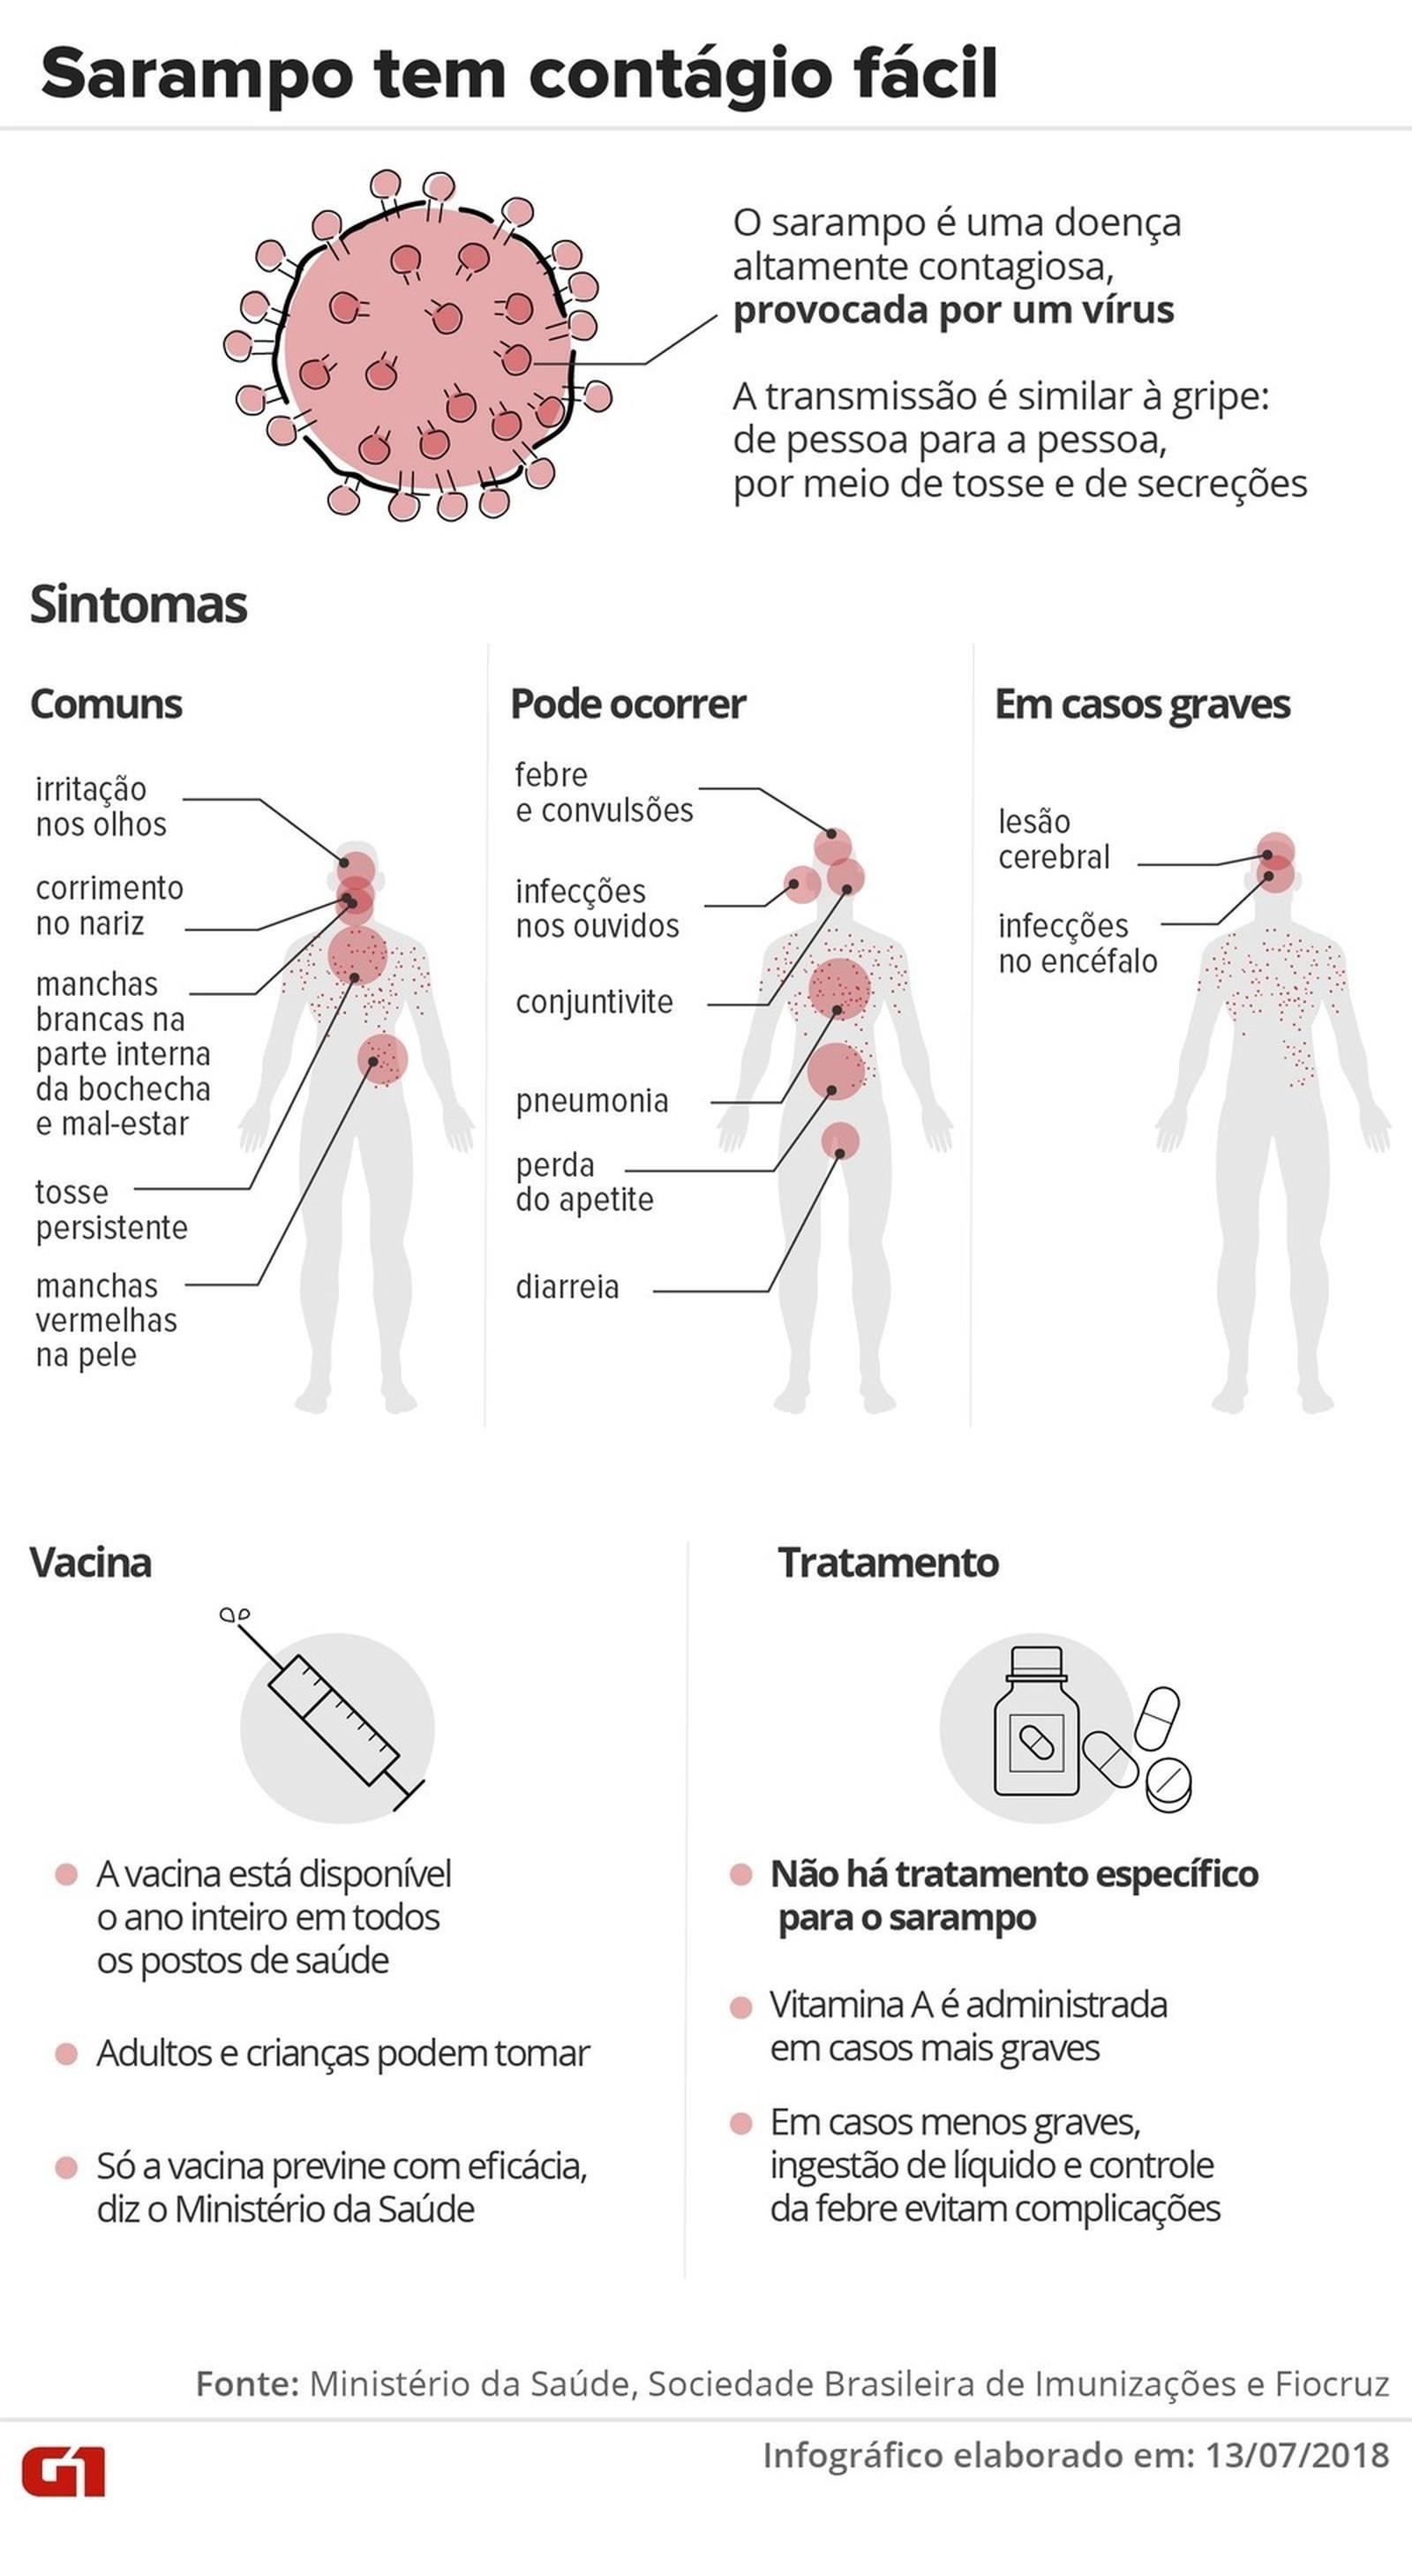 Secretaria de Saúde confirma o 1º caso de sarampo em Pouso Alegre, MG - Notícias - Plantão Diário